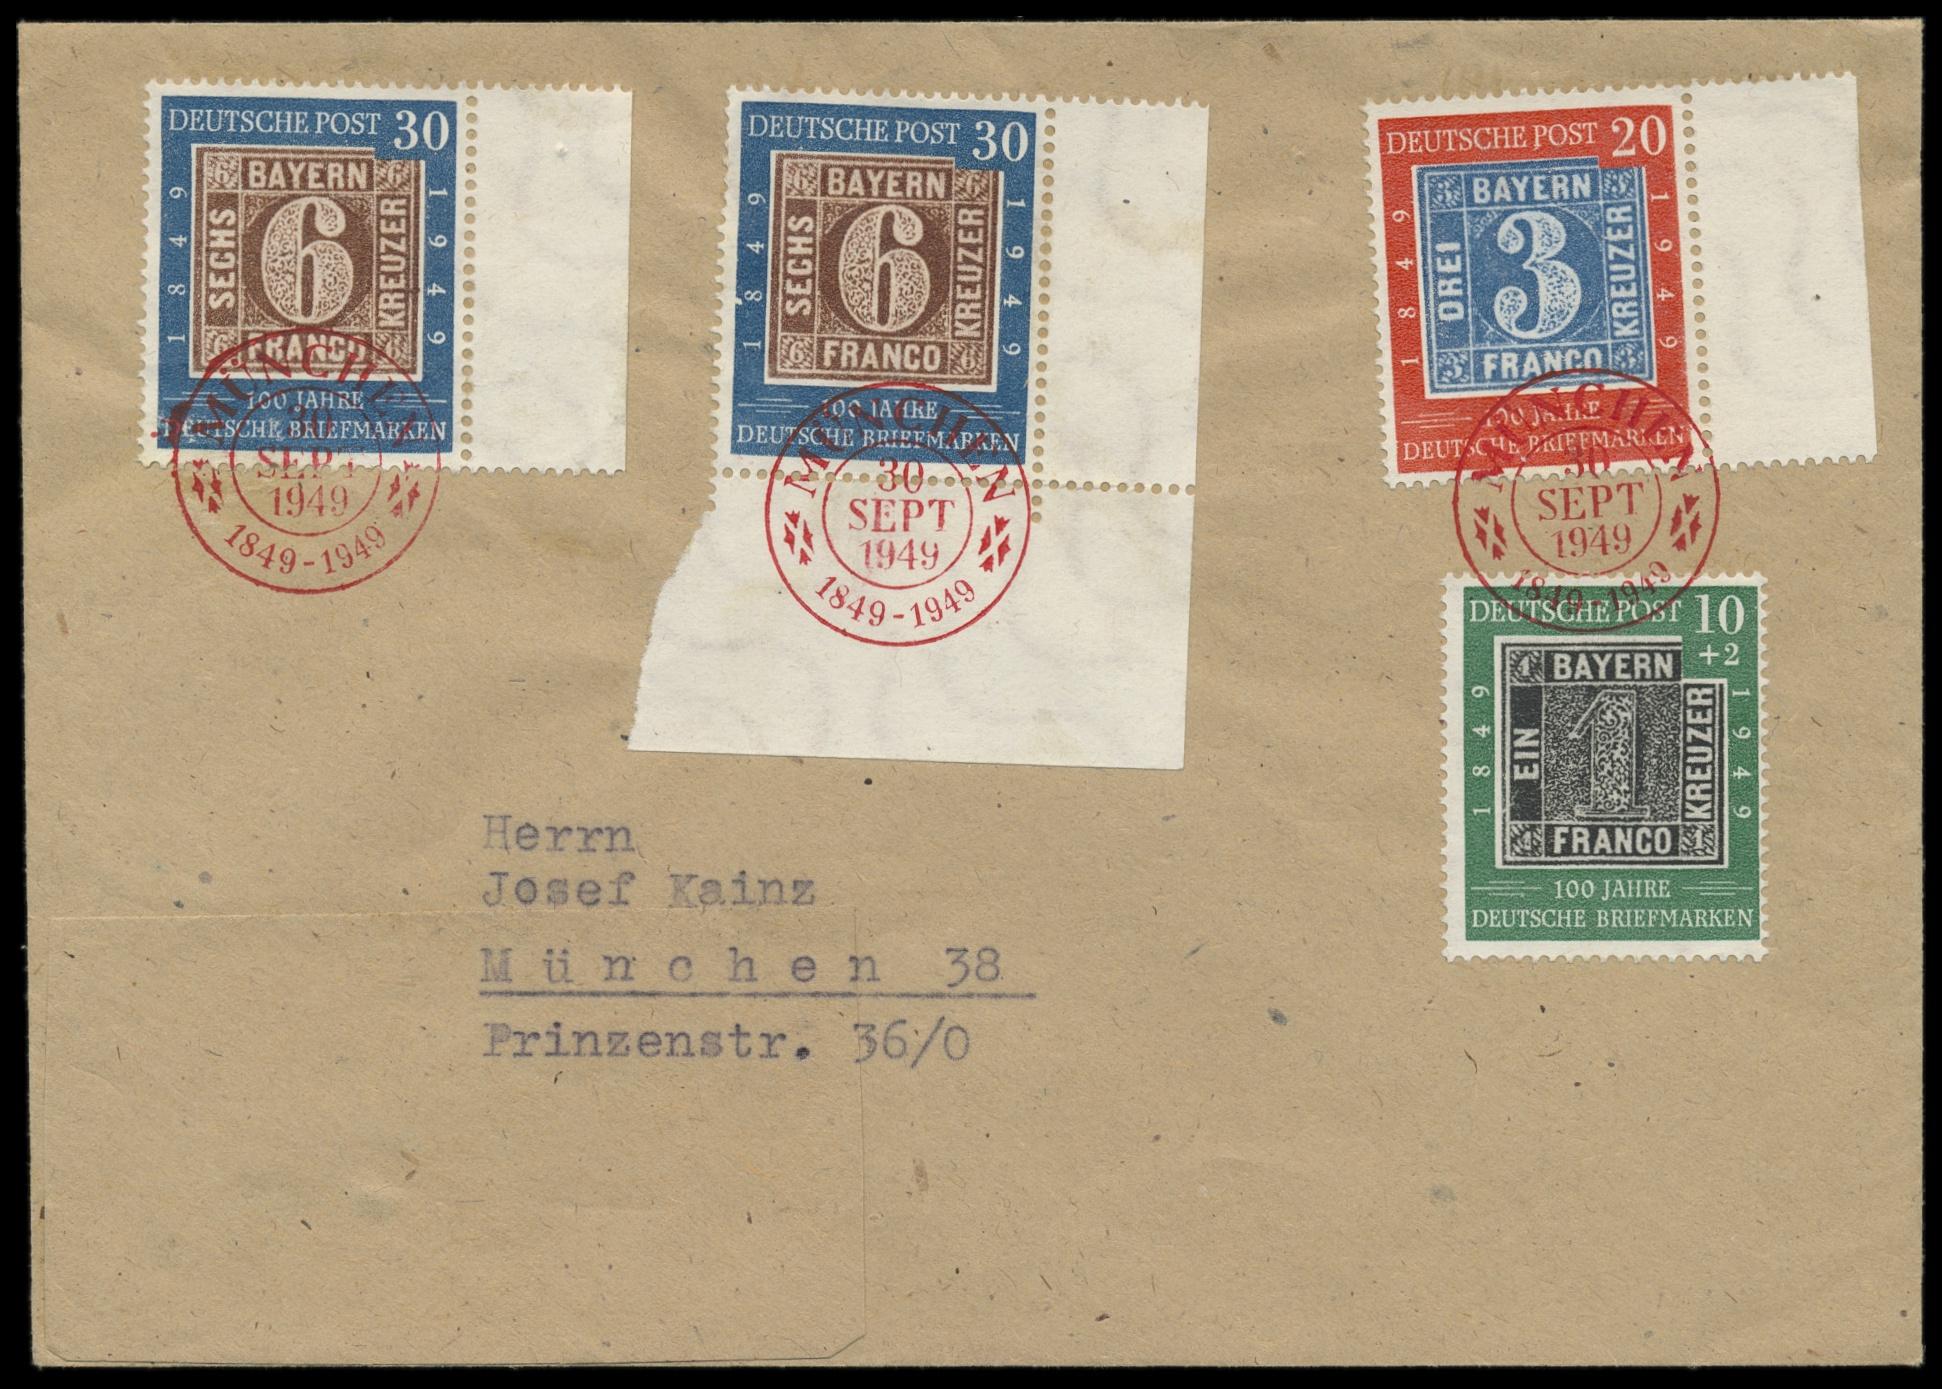 Lot 5403 - Main catalogue bundesrepublik deutschland -  Peter Harlos Auctions 41. Auktion